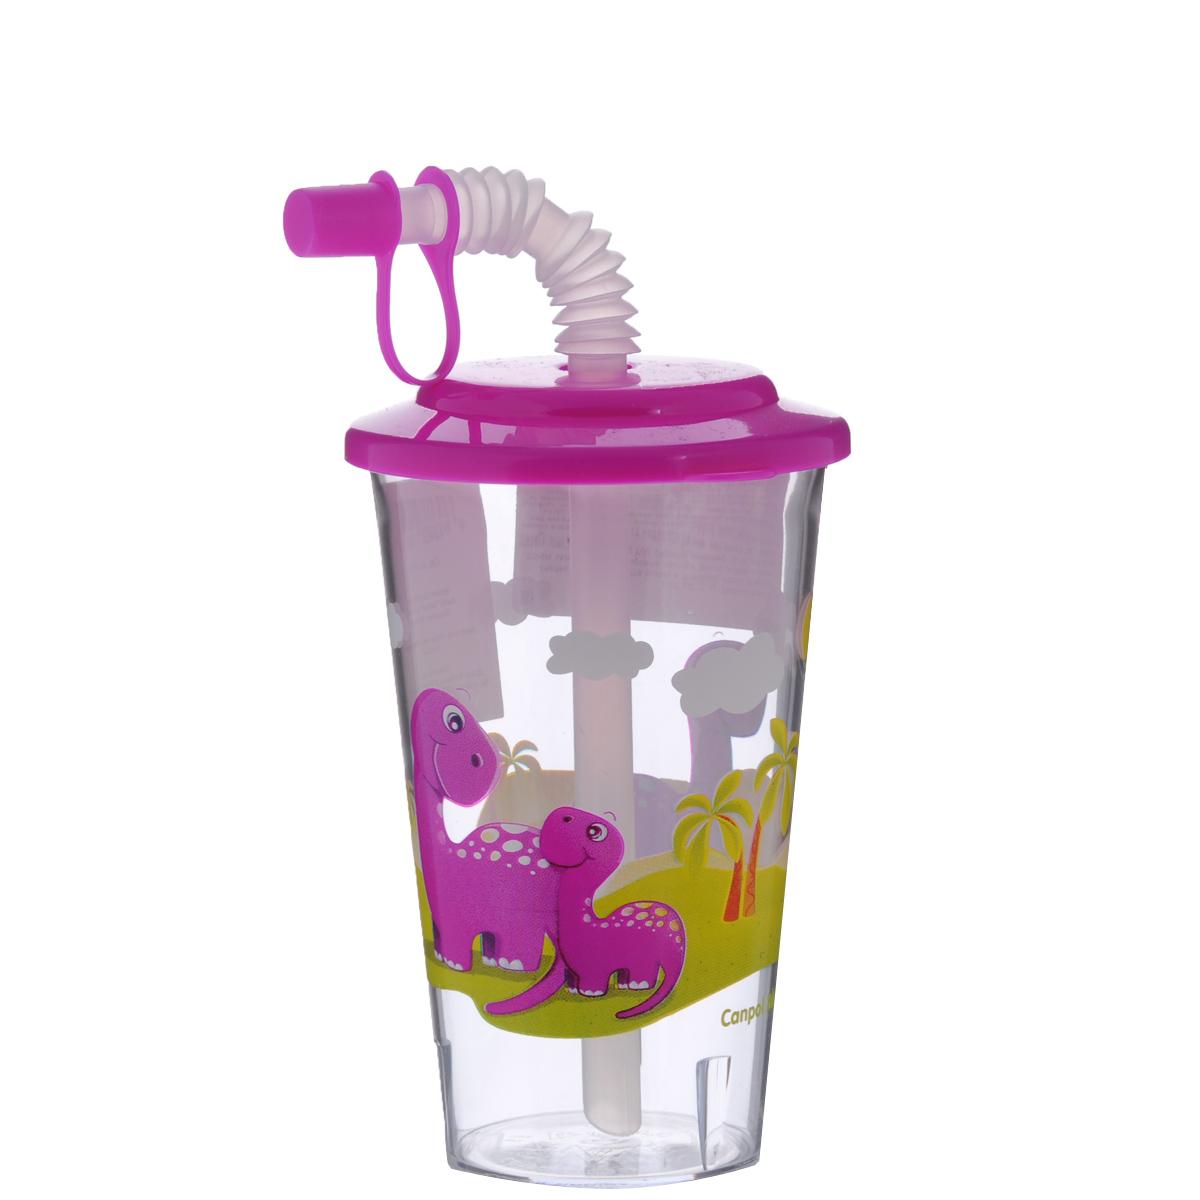 Canpol Babies Поильник с трубочкой Динозавры цвет розовый 320 мл4/112_розовый/динозаврыПоильник Canpol Babies с гибкой трубочкой идеально подойдет для обучения ребенка навыкам питья через трубочку и облегчит переход от бутылочки к стаканчику. Трубочка оснащена защитным колпачком и может складываться, что позволяет регулировать ее длину. При необходимости крышку с трубочкой можно снять и использовать поильник как стаканчик. Крышка поильника выполнена из безопасного пластика яркого цвета, а стаканчик оформлен красочным изображением забавных животных - динозавриков. Такой поильник привлечет внимание вашего малыша и сделает процесс кормления веселым и приятным.